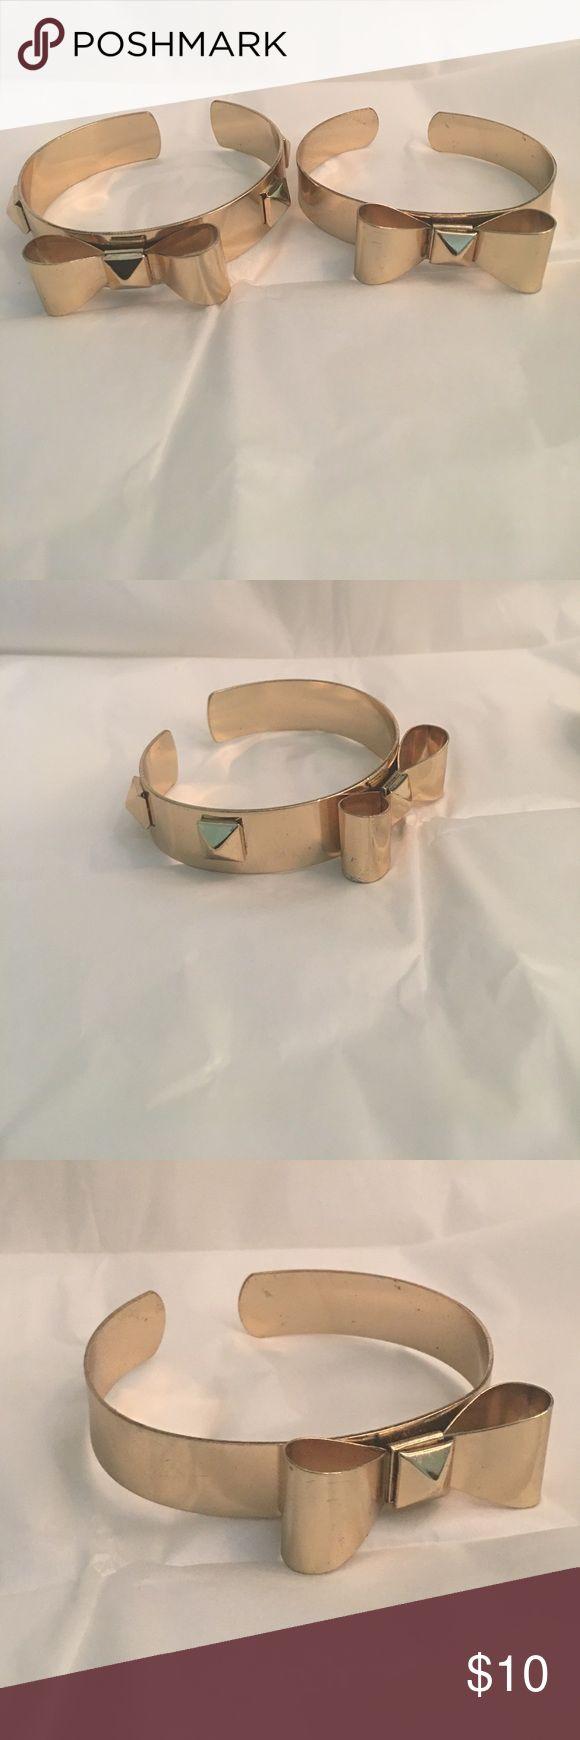 ✨Bow bracelet's ✨2 bow bracelets Jewelry Bracelets